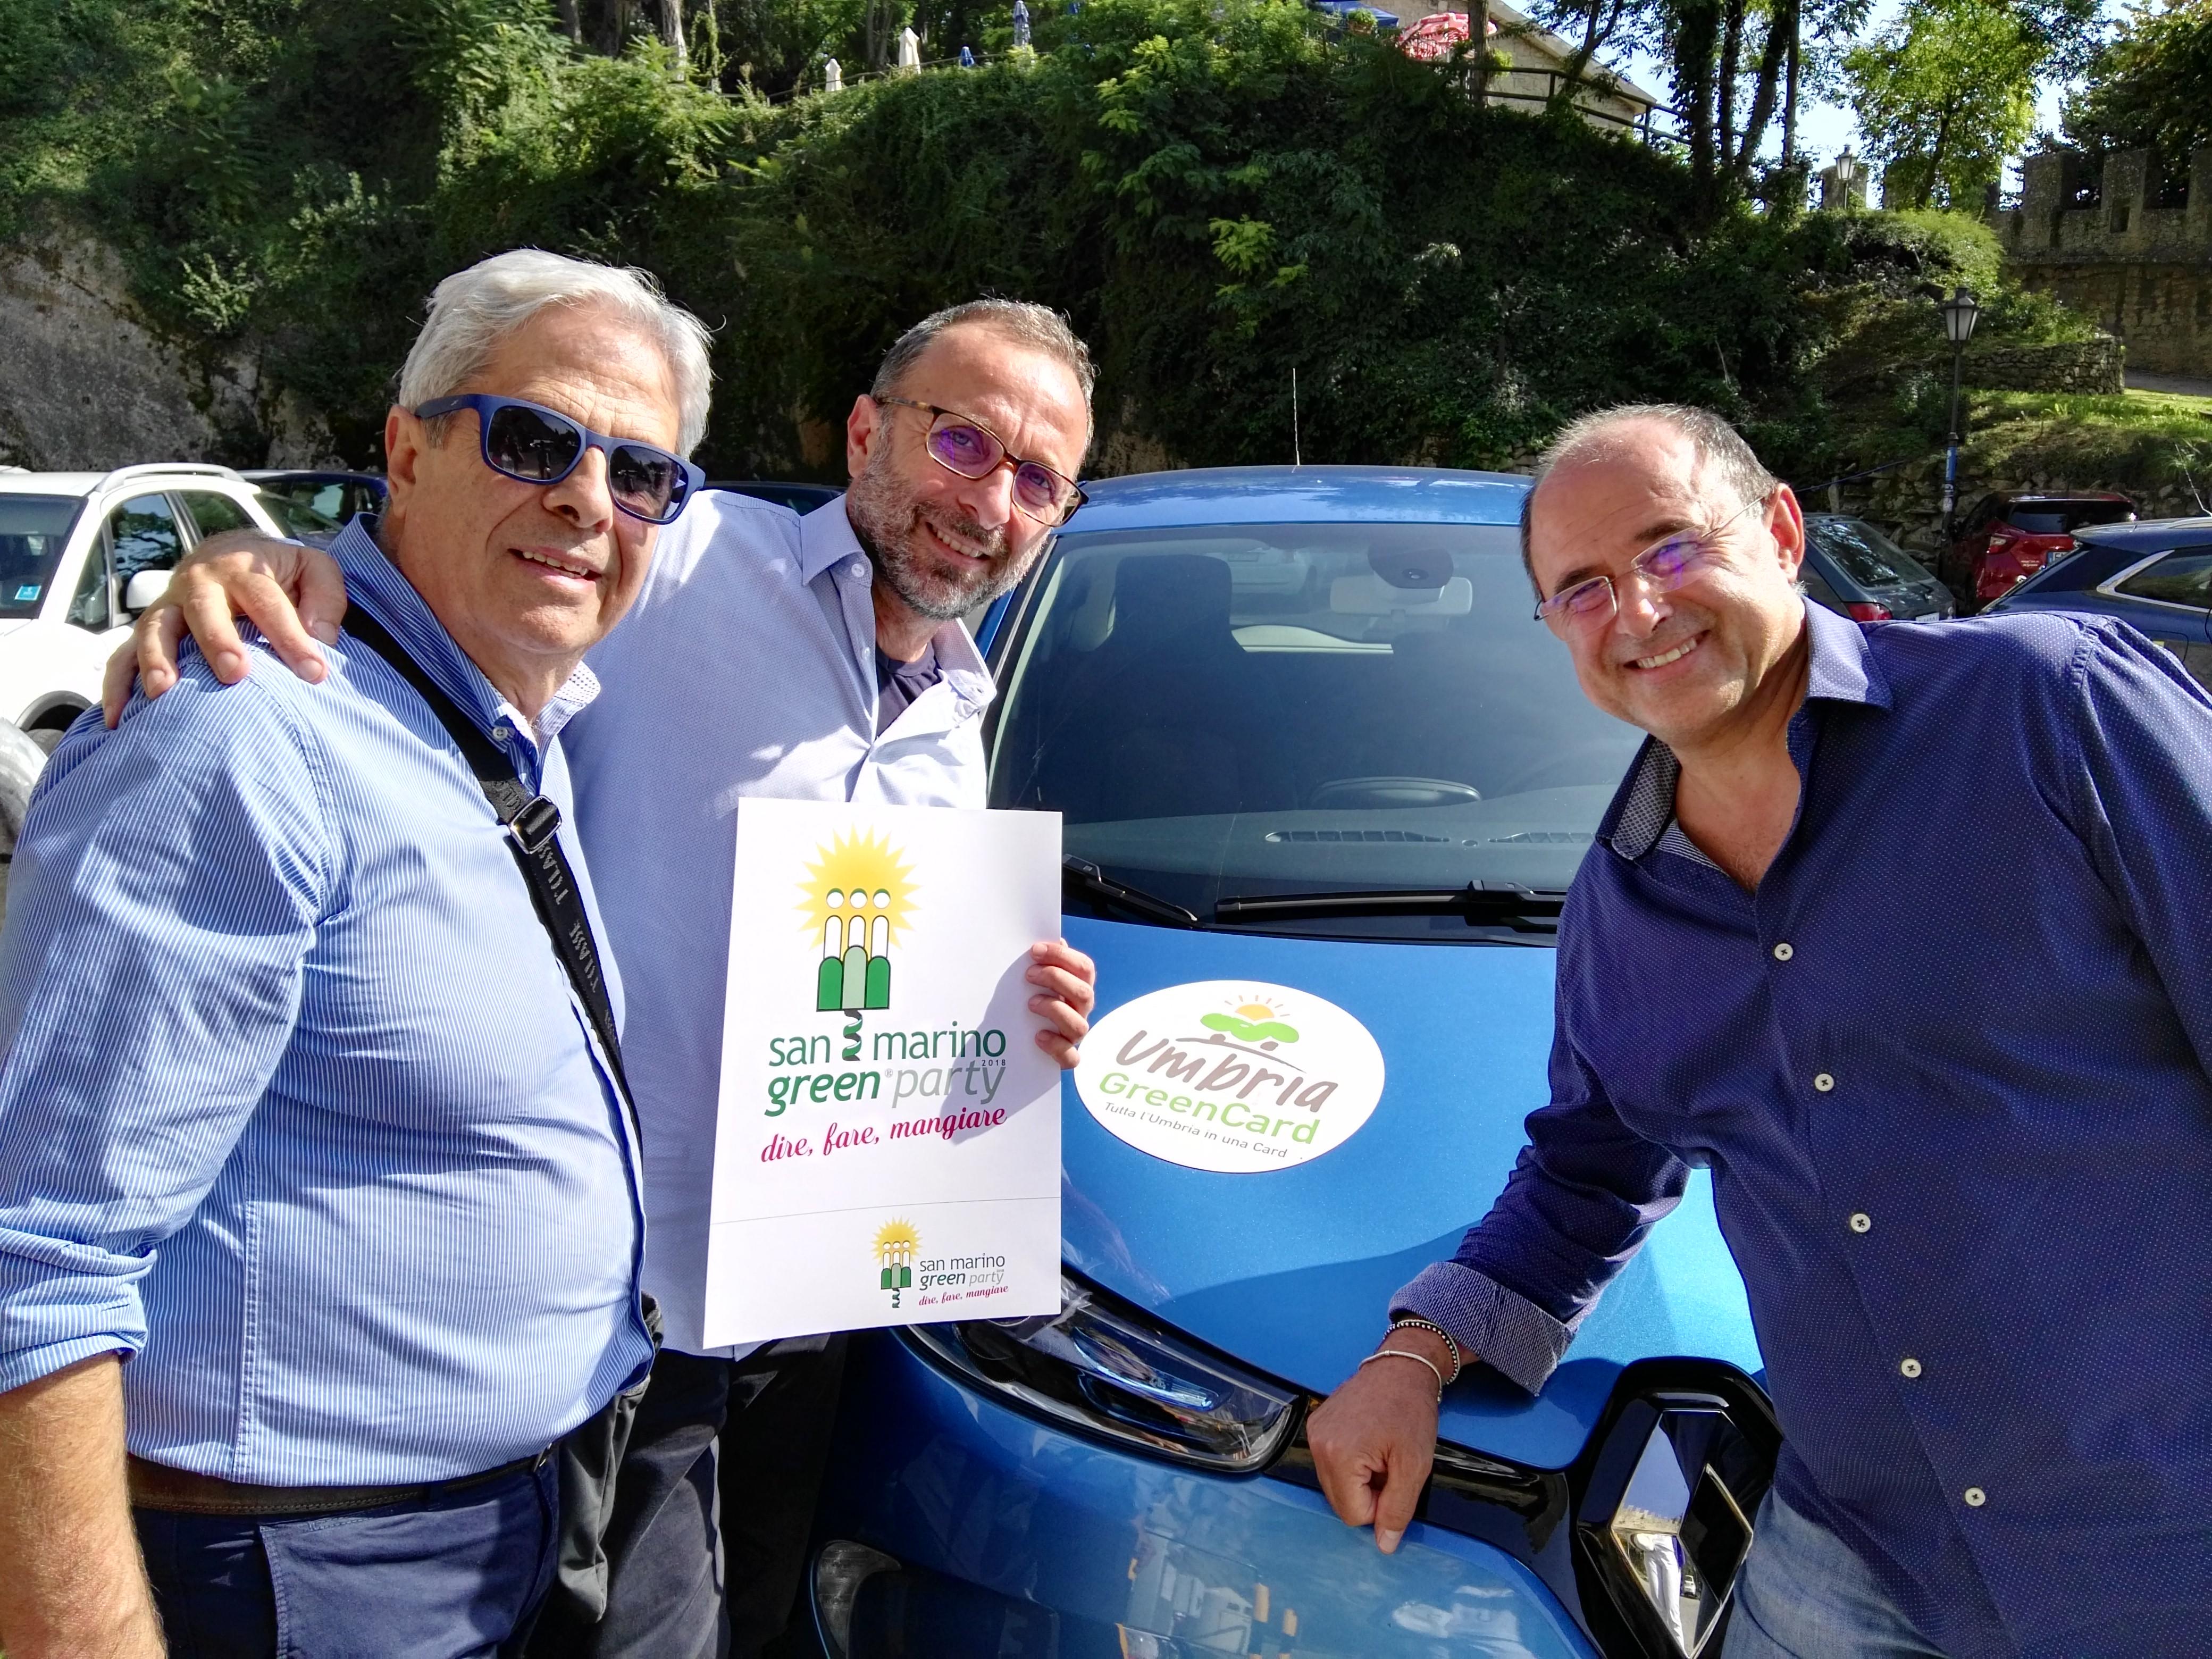 Umbria e San Marino uniti nel green